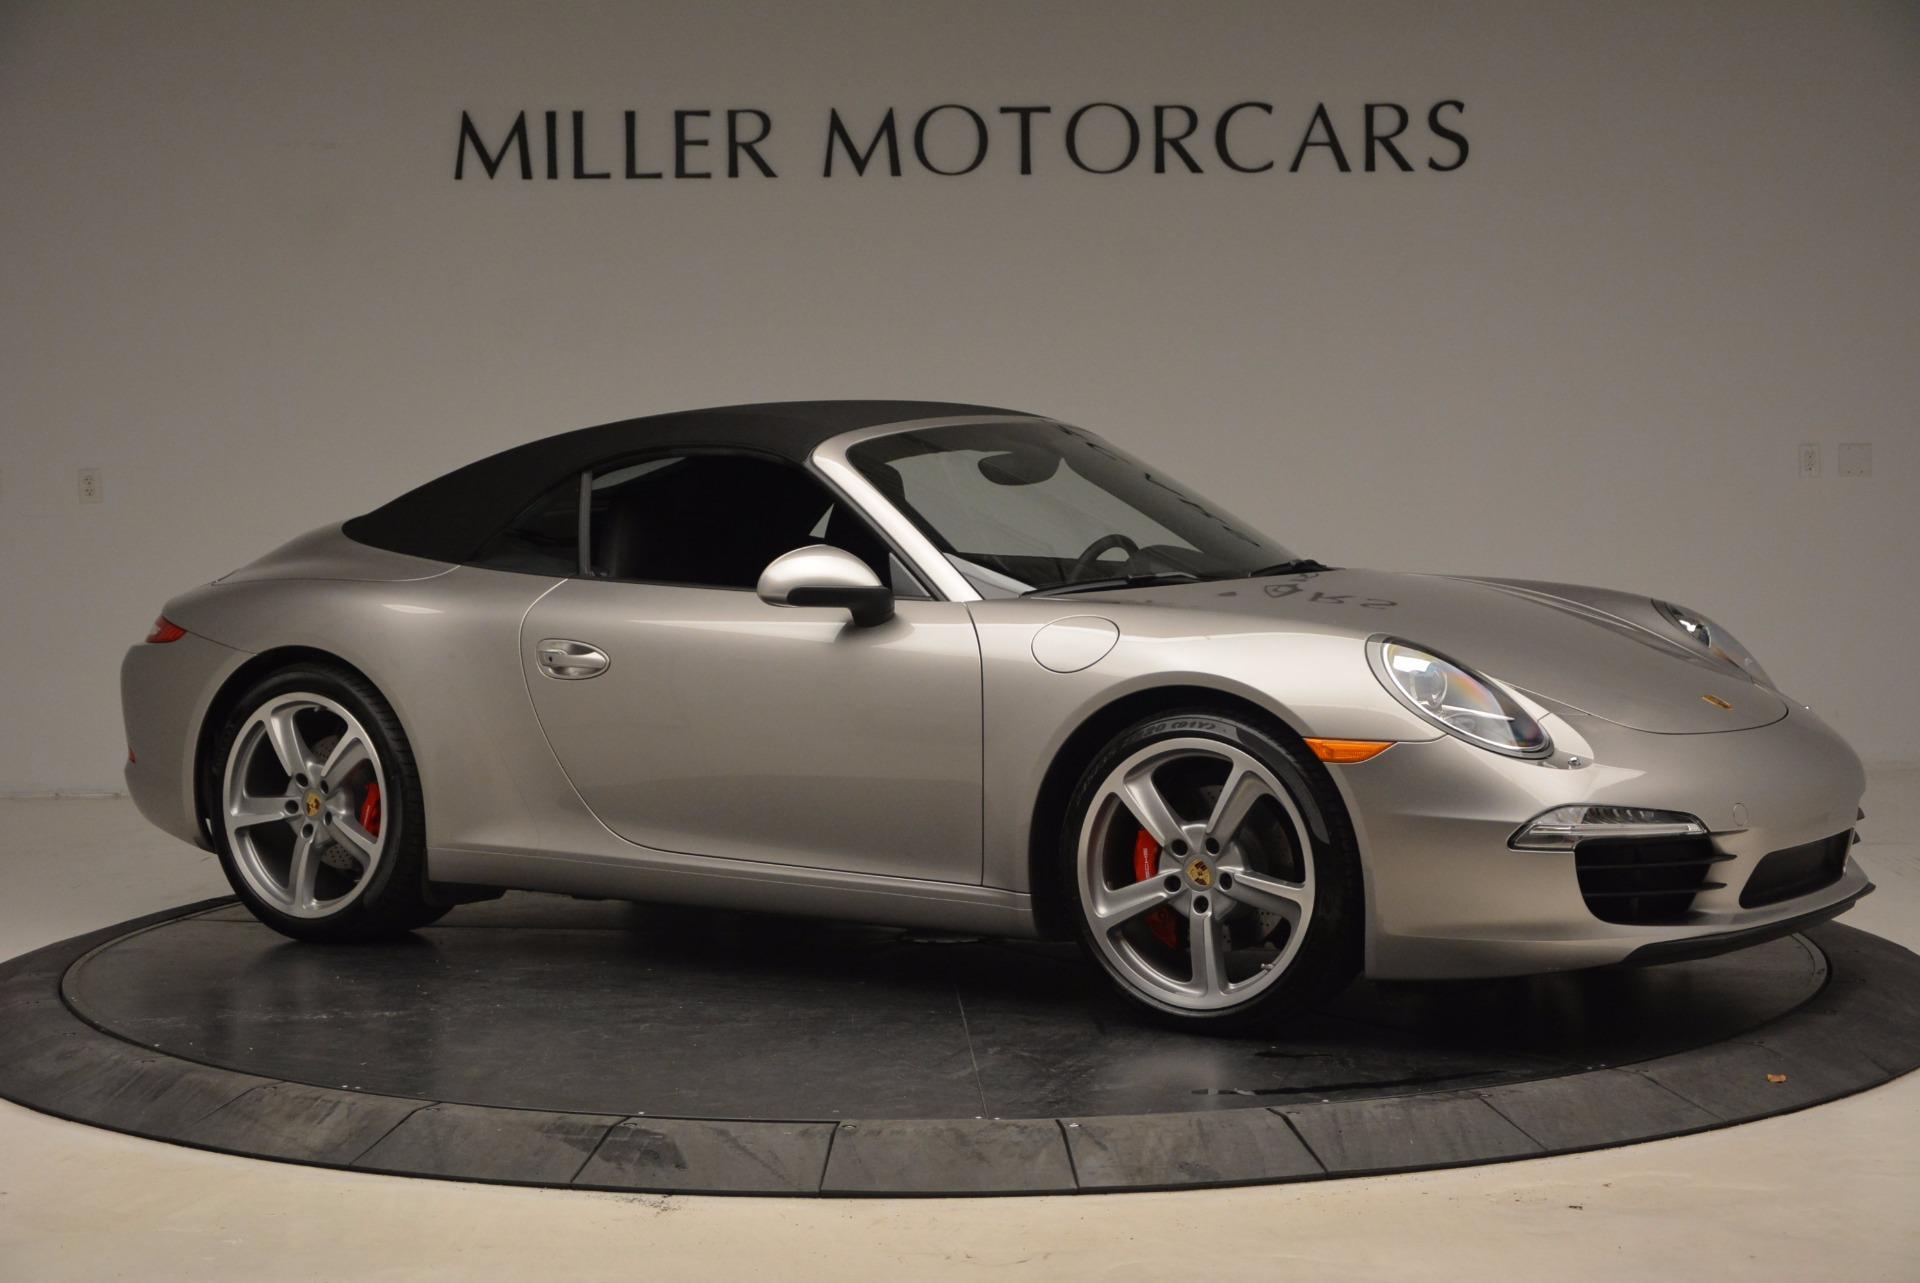 Used 2012 Porsche 911 Carrera S For Sale In Greenwich, CT 1790_p5